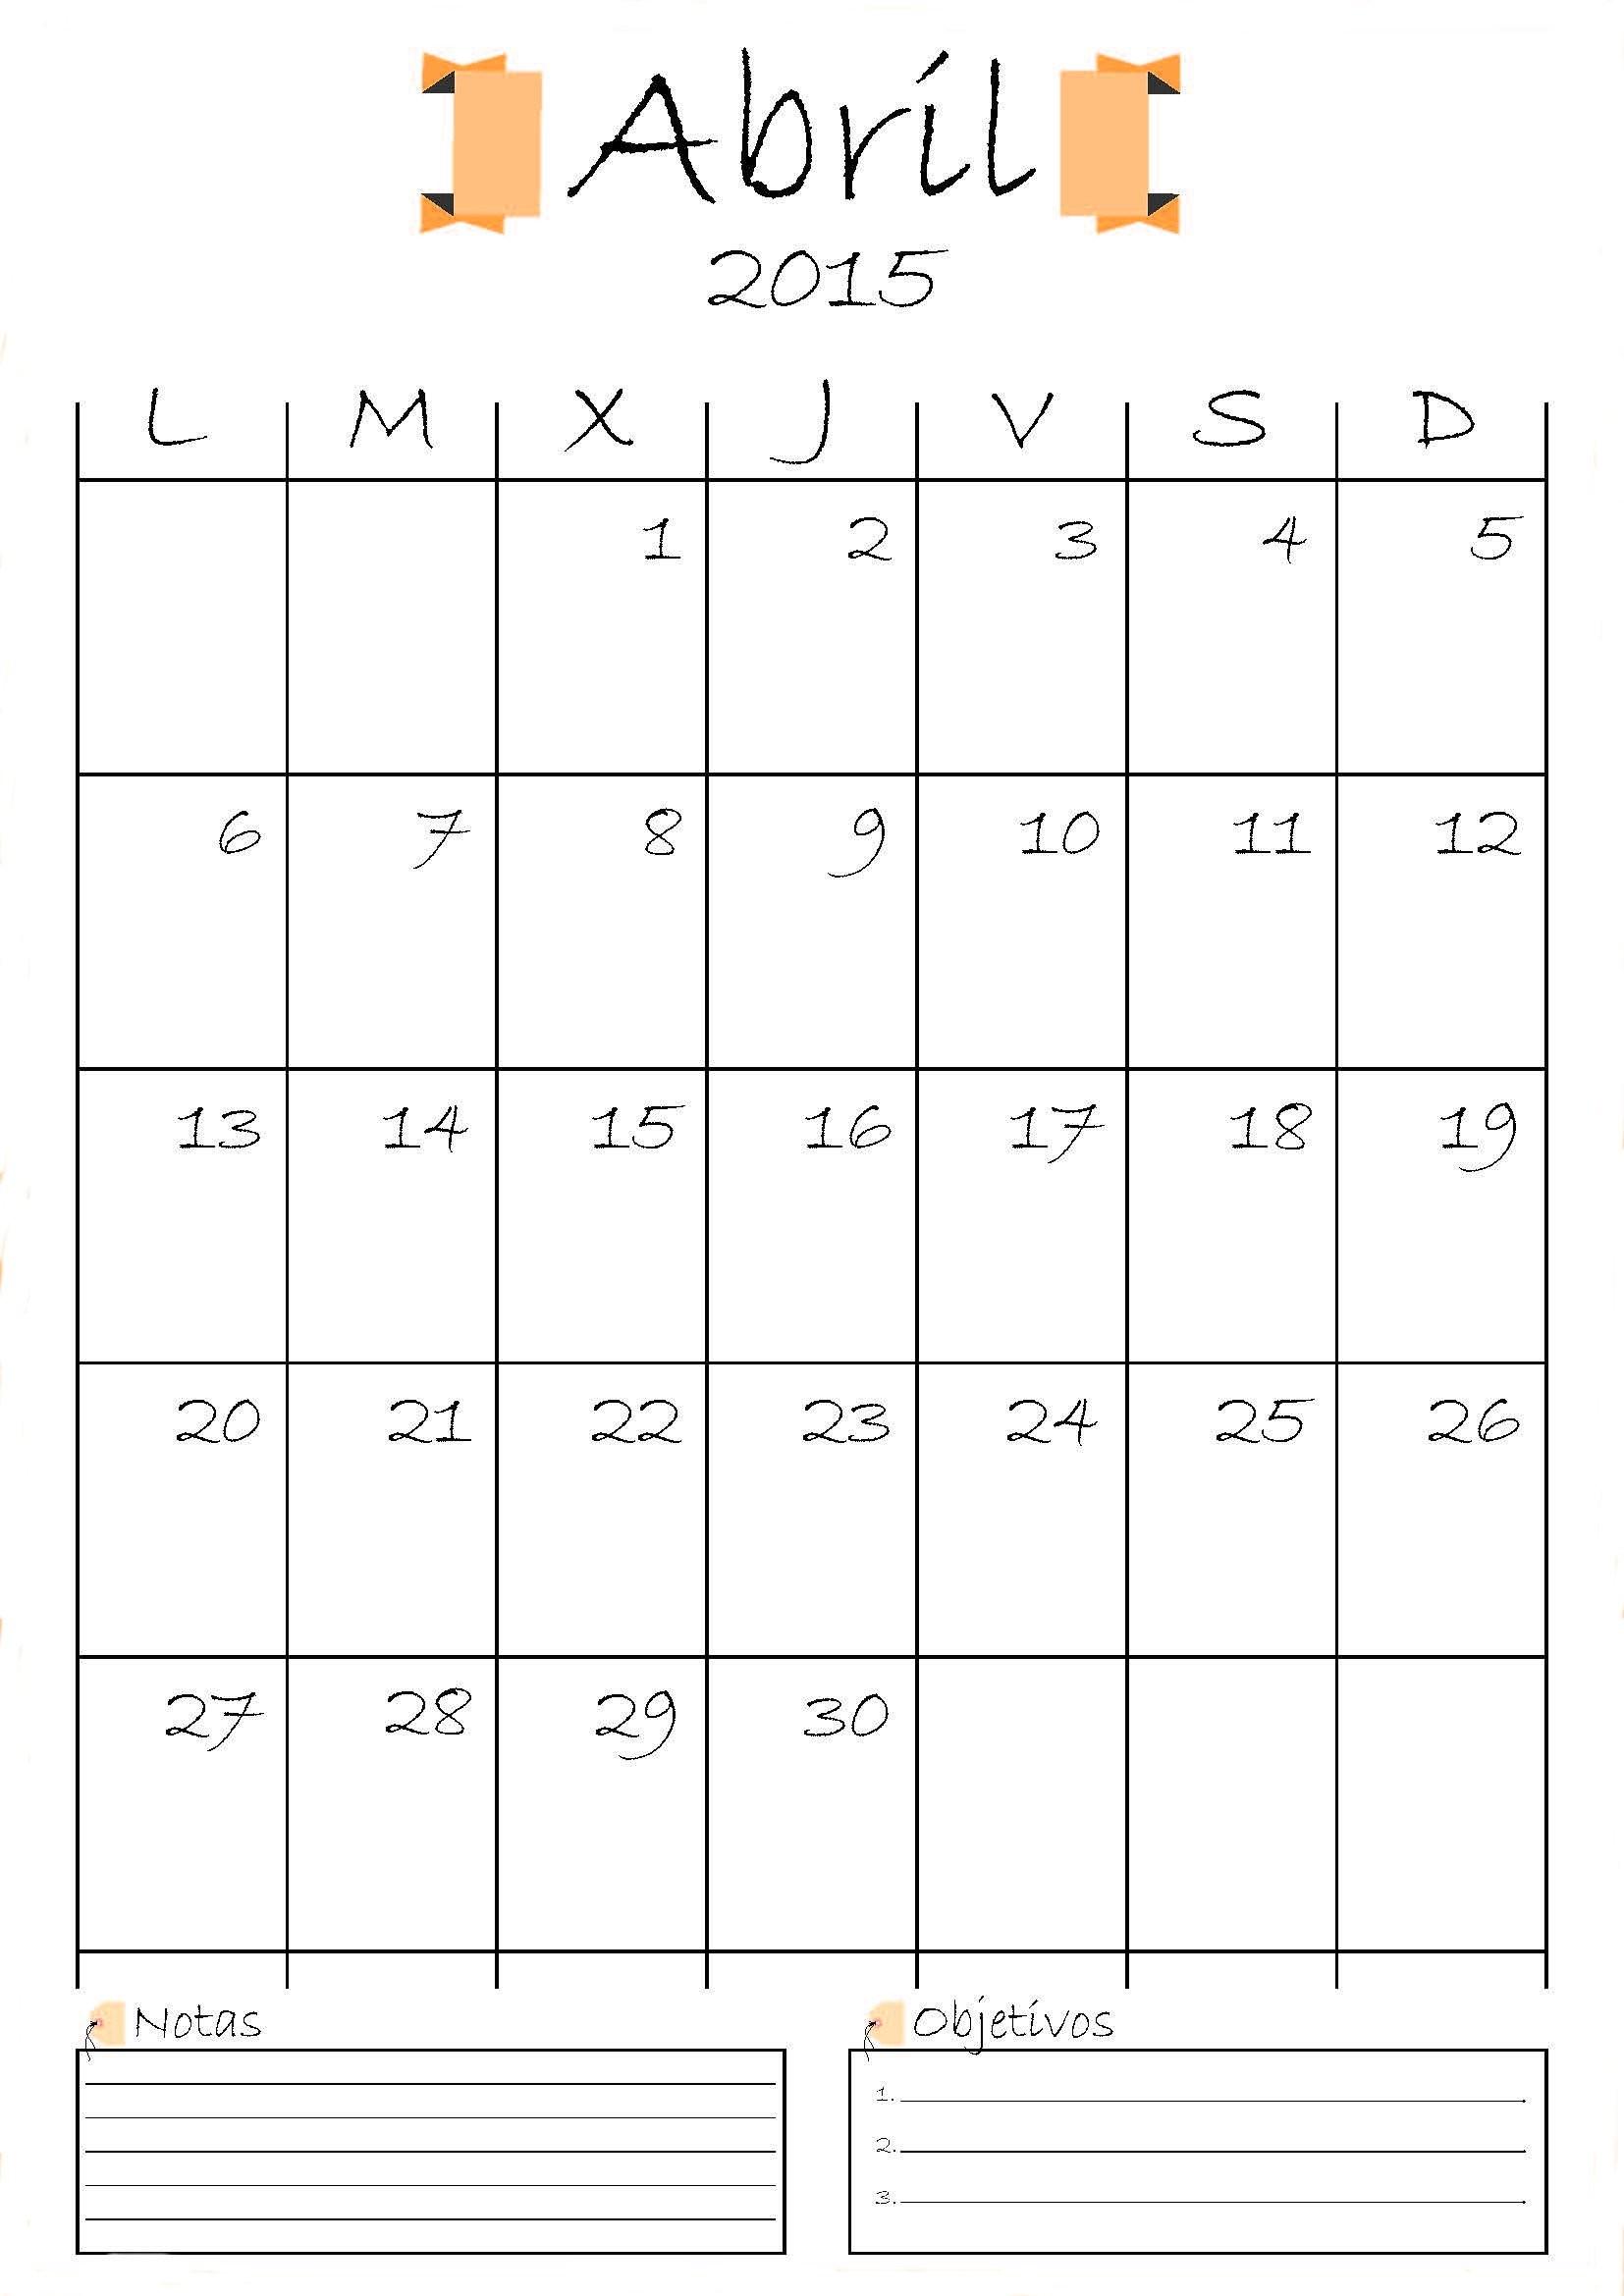 Calendario Mayo 2017 Para Imprimir Word Más Populares Calendario En Blanco 2015 tomburorddiner Of Calendario Mayo 2017 Para Imprimir Word Más Recientes Buscar Las Plantillas De Documentos En Microsoft Word Y Libre Fice